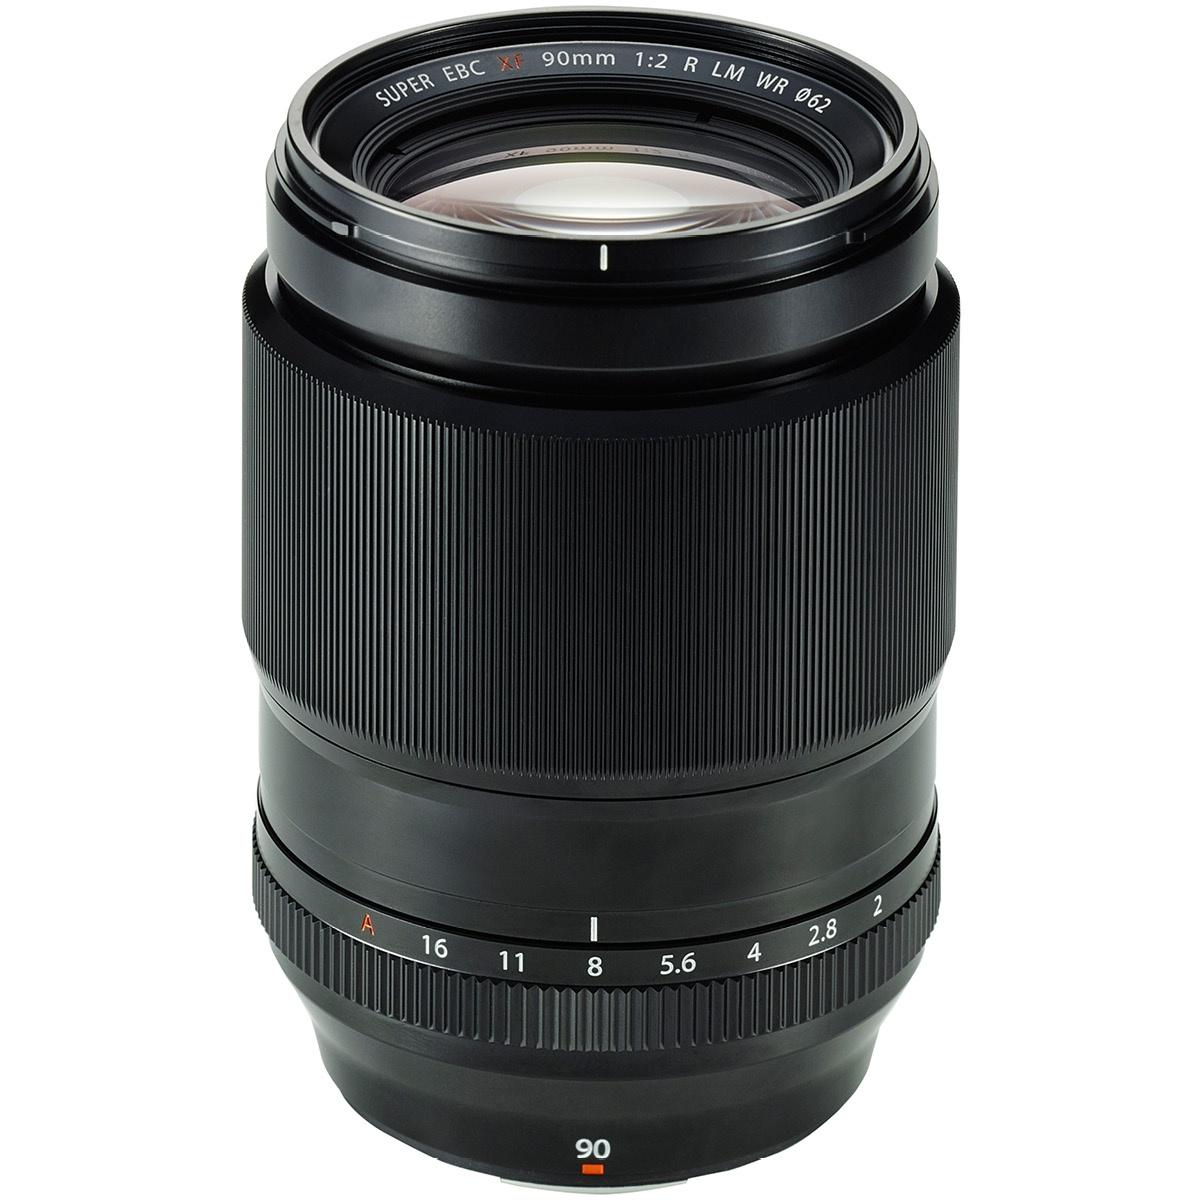 Fujifilm XF 90 mm 1:2,0 R LM WR